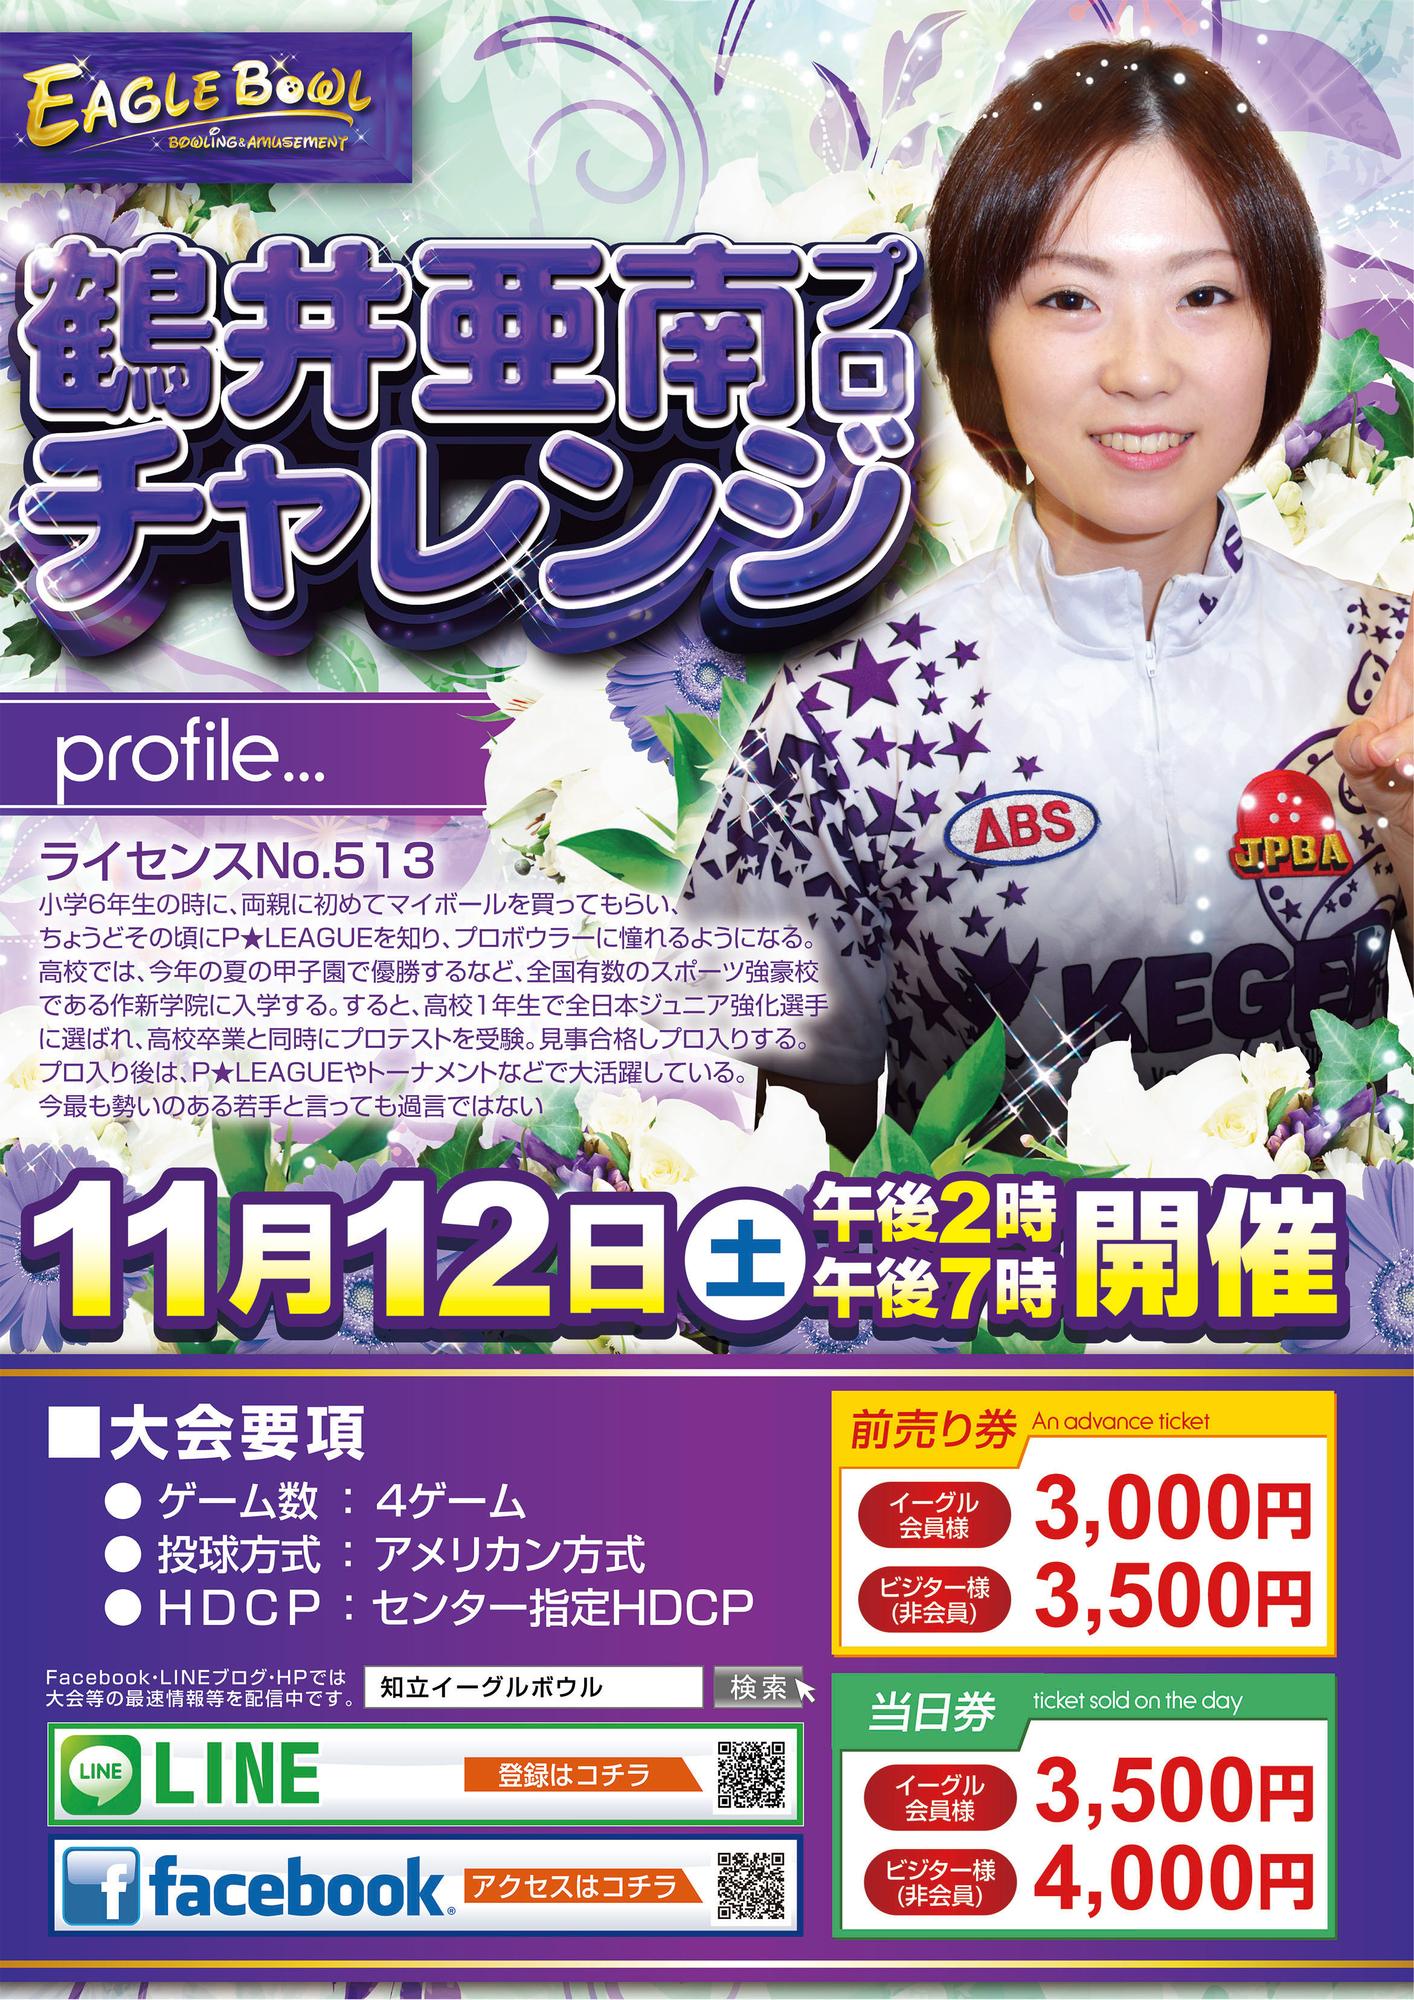 11/12 鶴井亜南プロチャレンジ